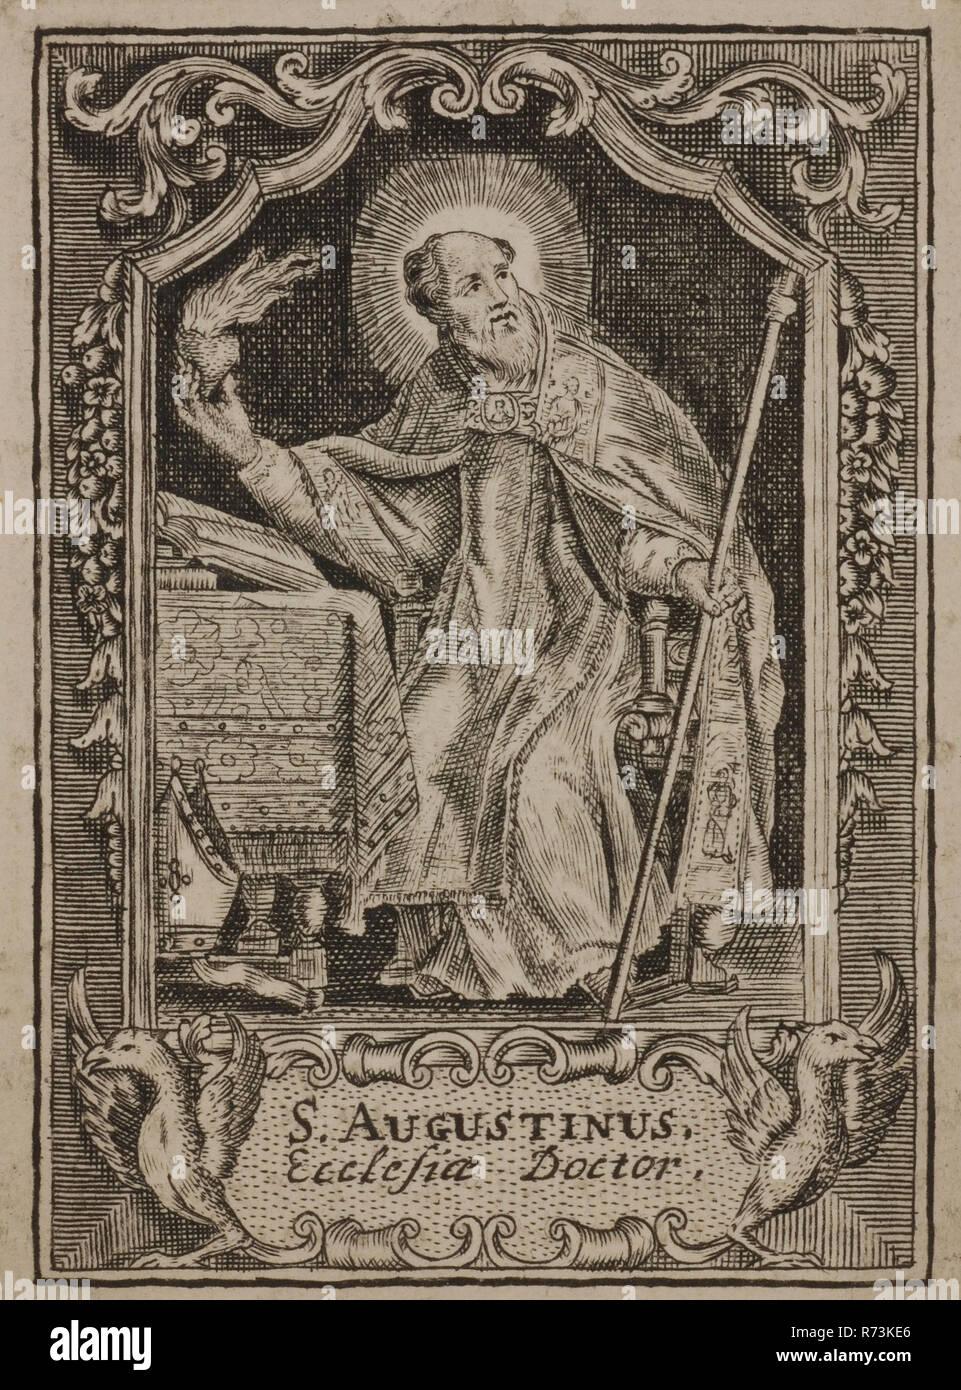 Van Karte Georgius Kessler MerlenGebet Franciscus Cornelis Für 3jAR5L4